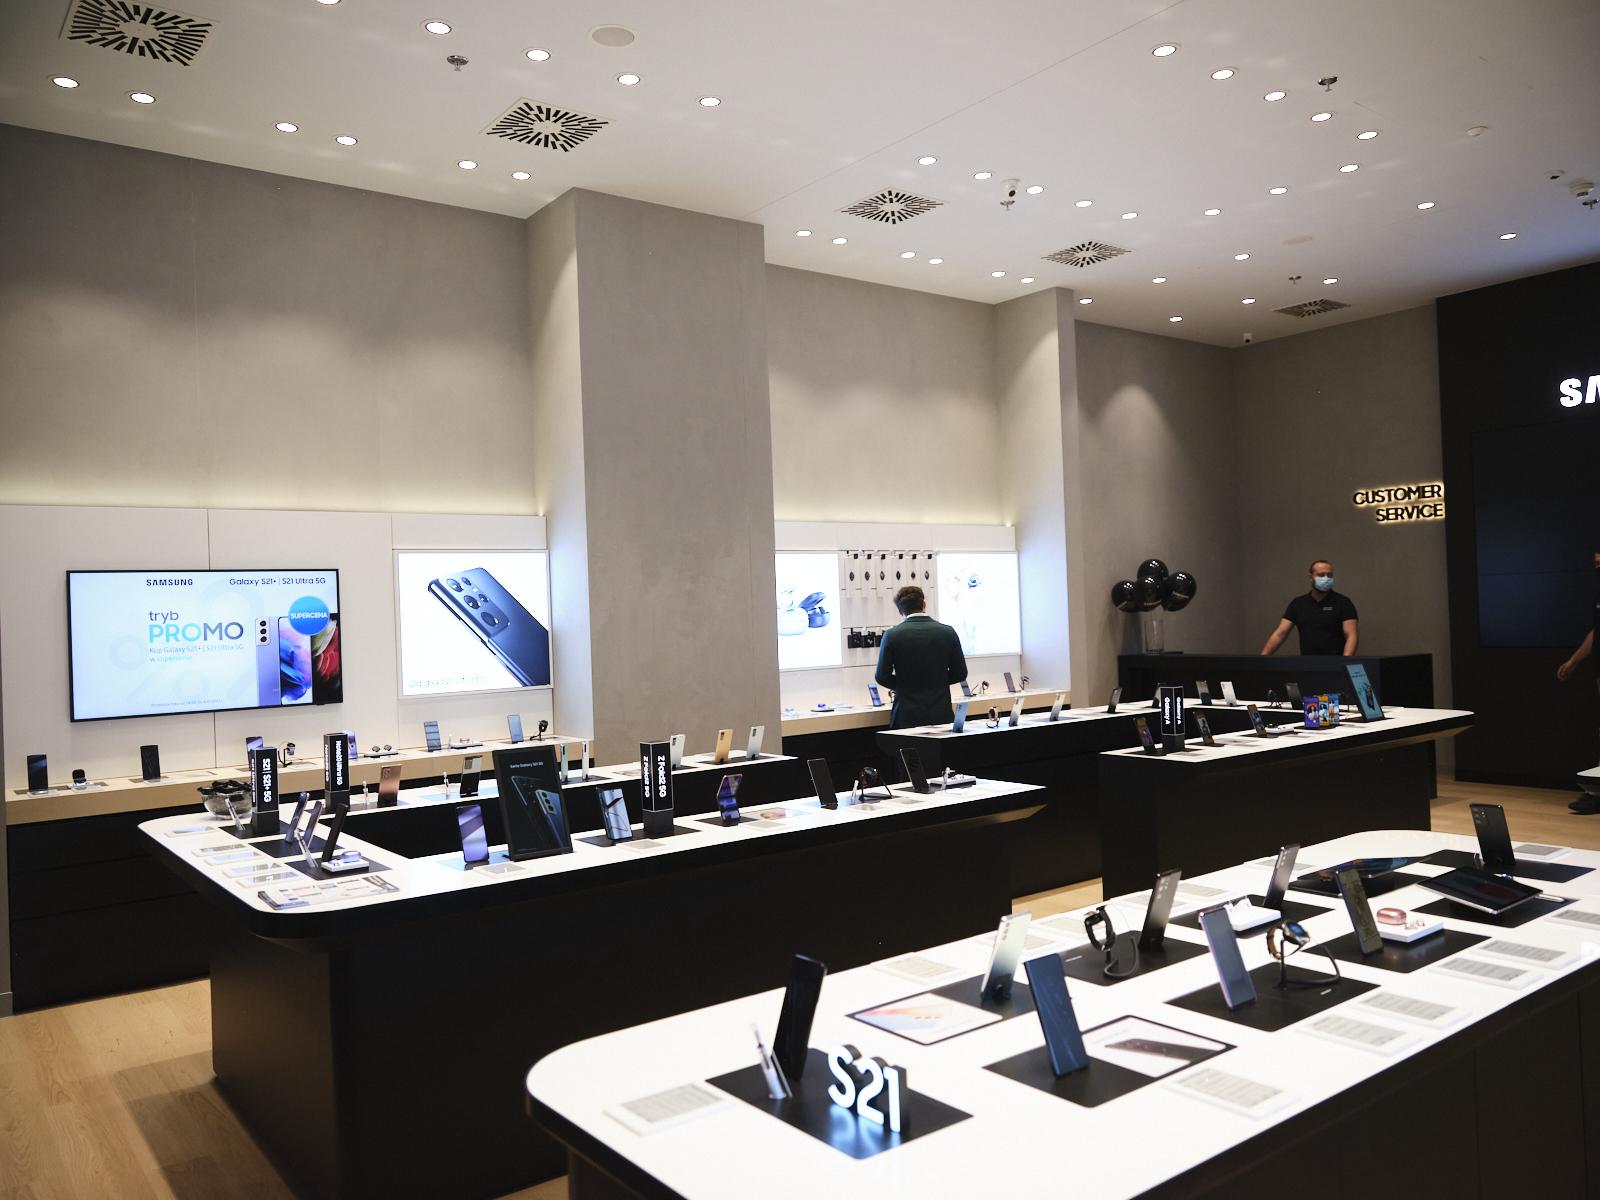 Samsung otwiera Brand Store w Kraków Bonarka City Center